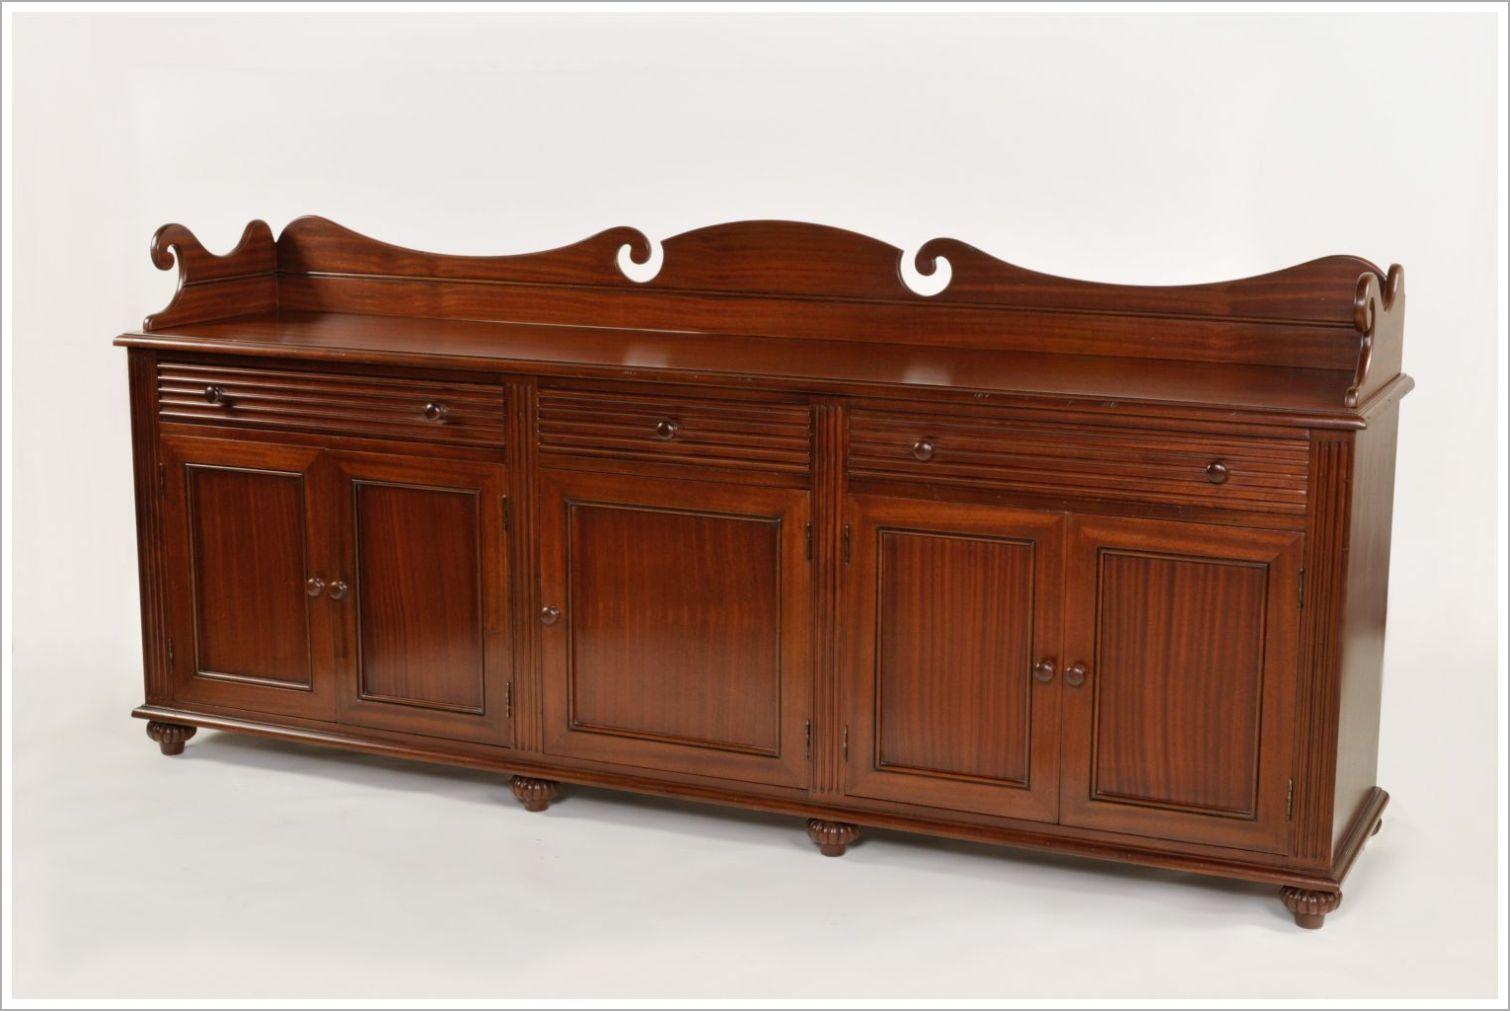 Mahogany Hospitality Server Cabinet